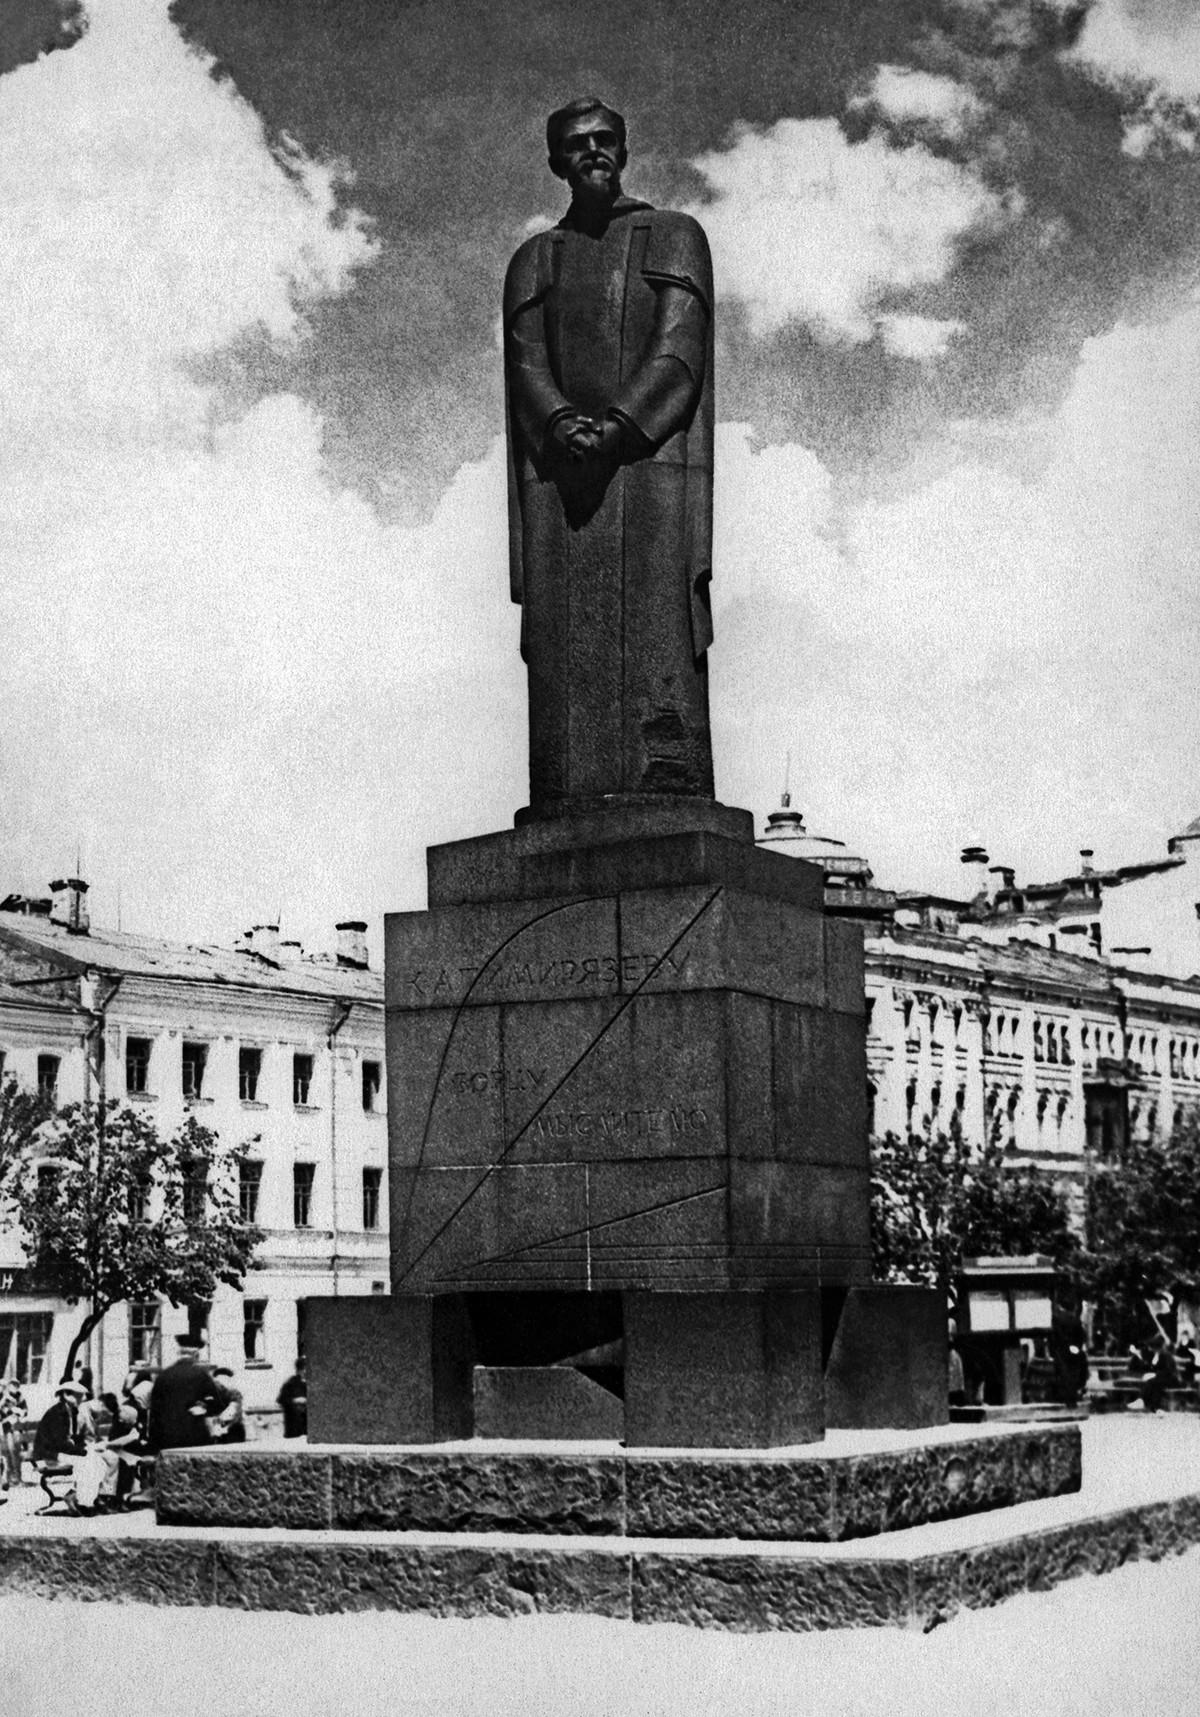 Das Denkmal in den 1930er Jahren.